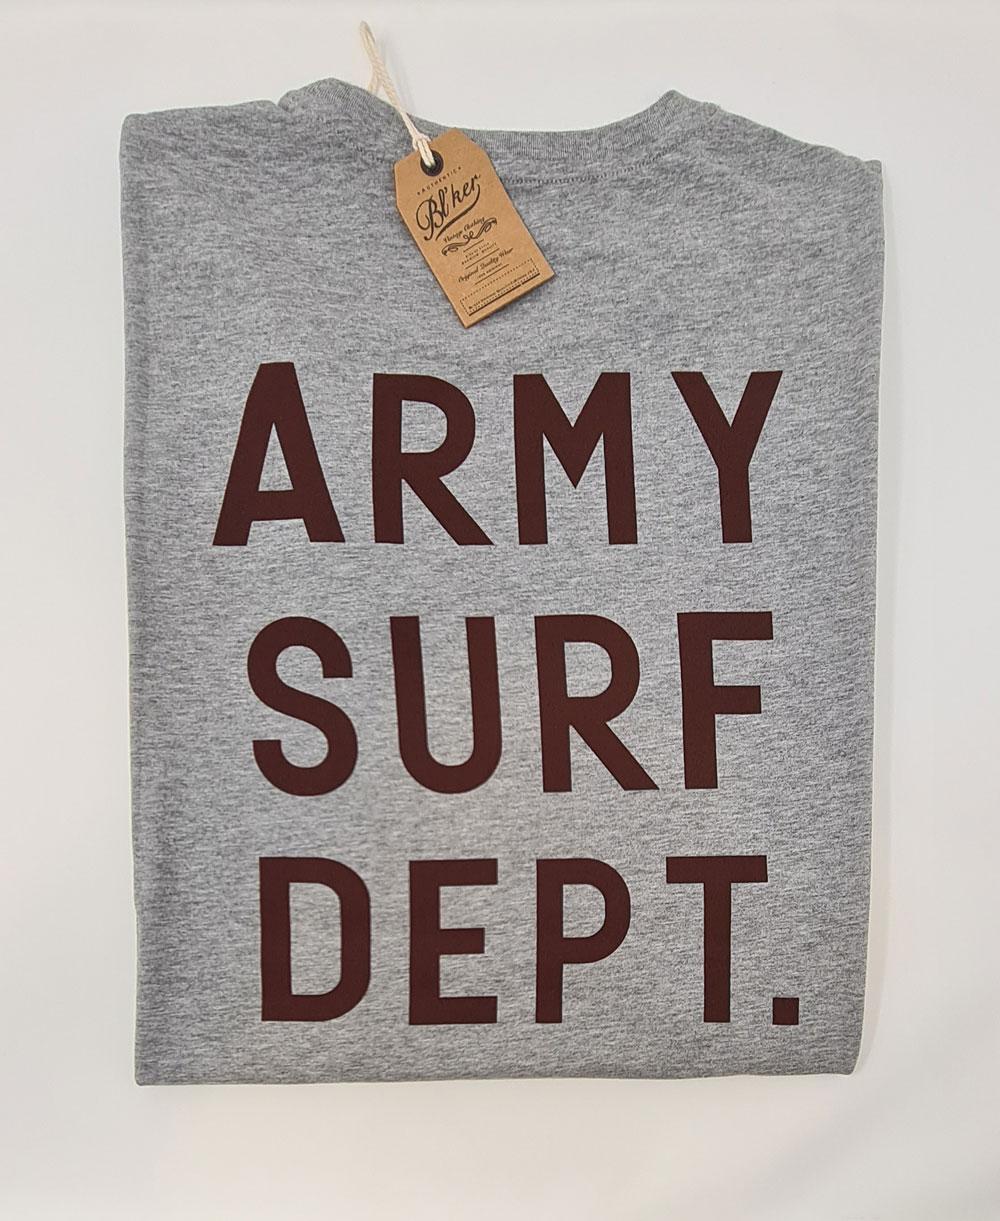 Herren Kurzarm T-Shirt Army Surf Dept Heather Grey